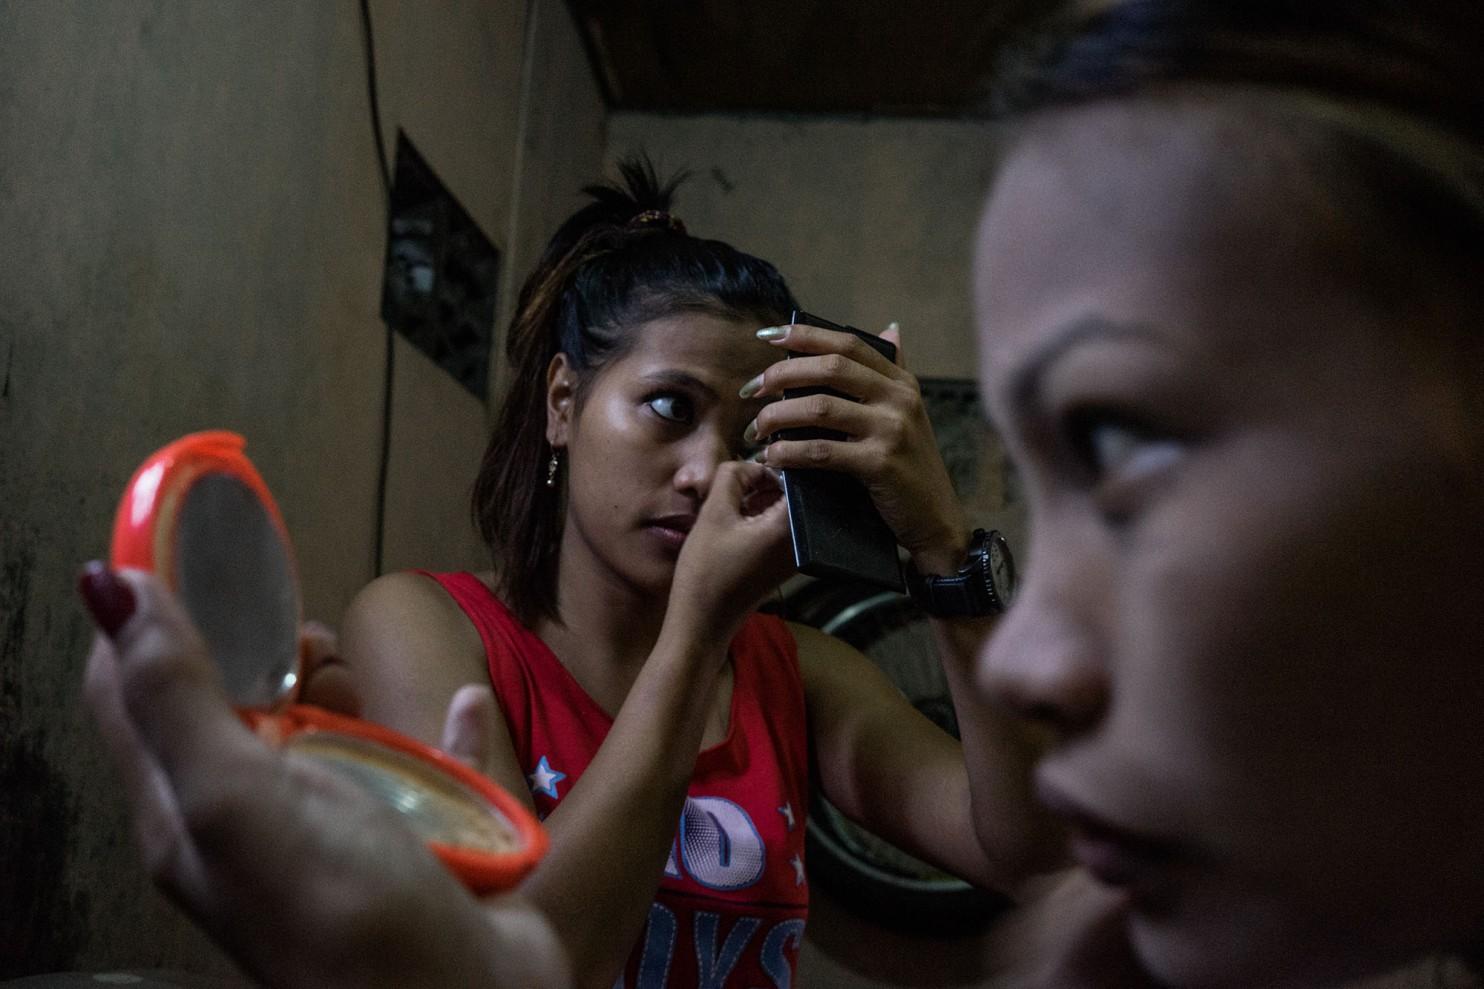 Тайфун бесчестия: как стихия ввергла целое поколение филиппинок в проституцию